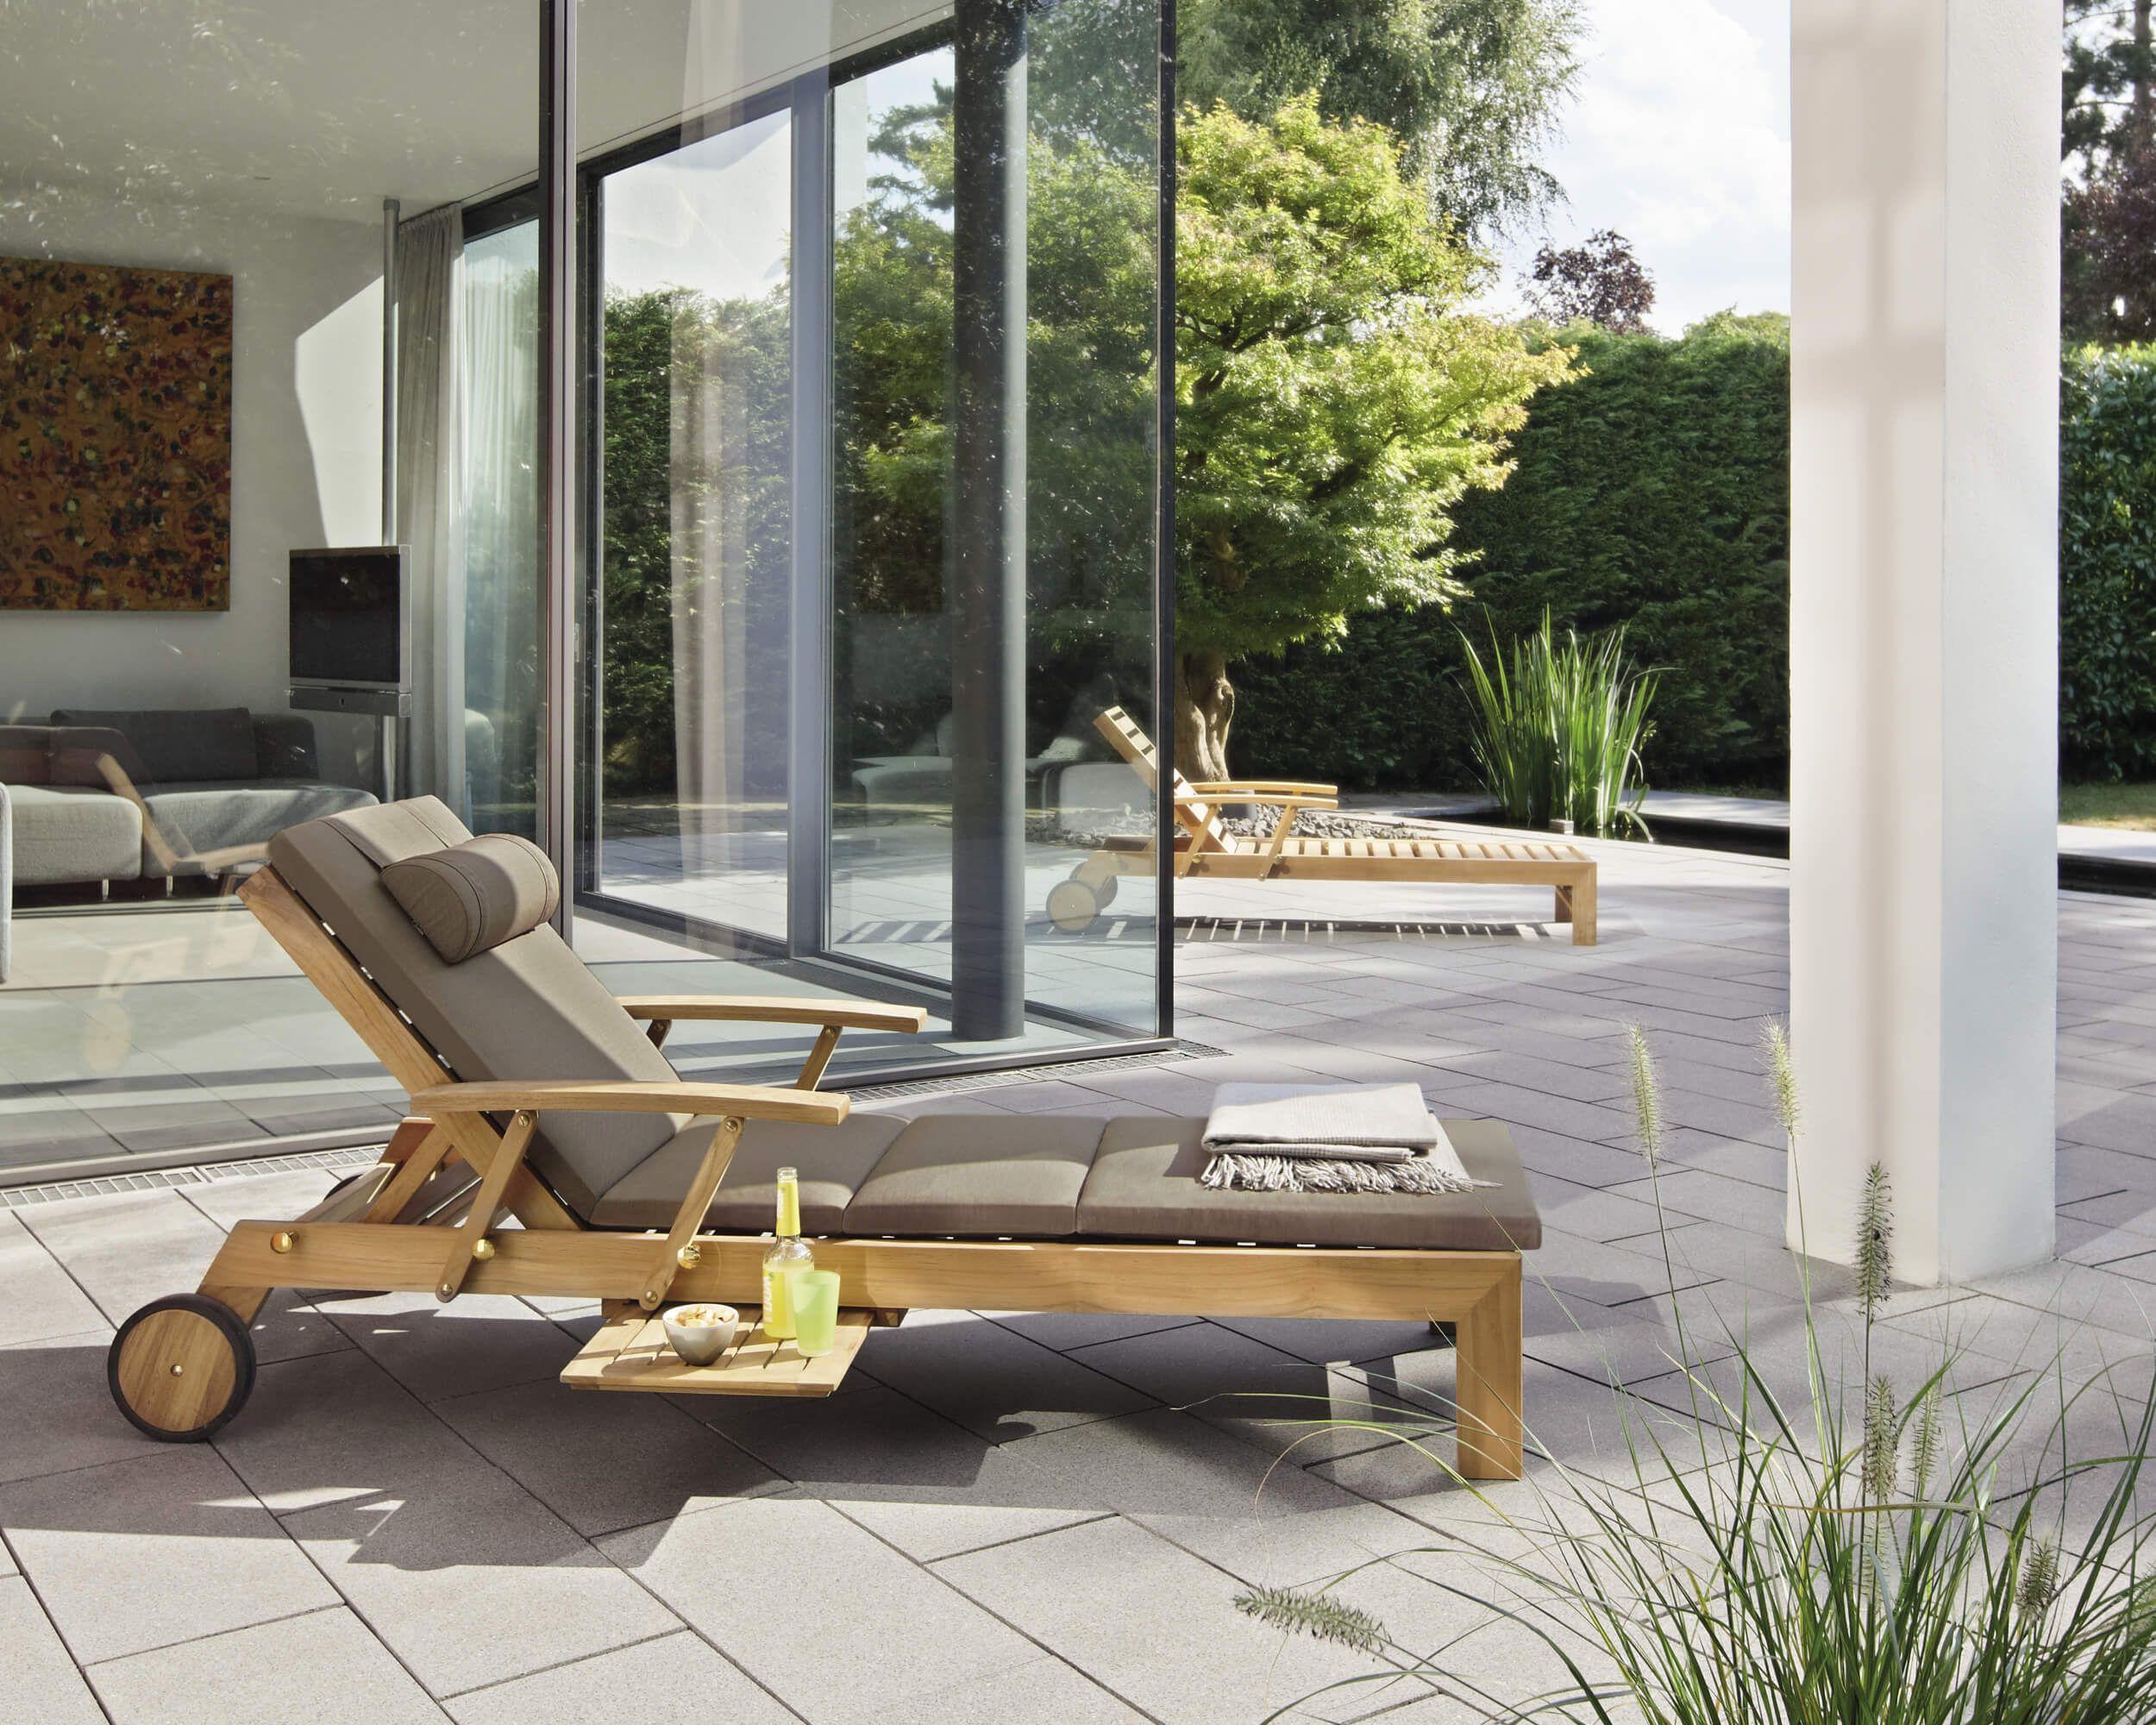 Buy exclusive garden furniture online Garpa like